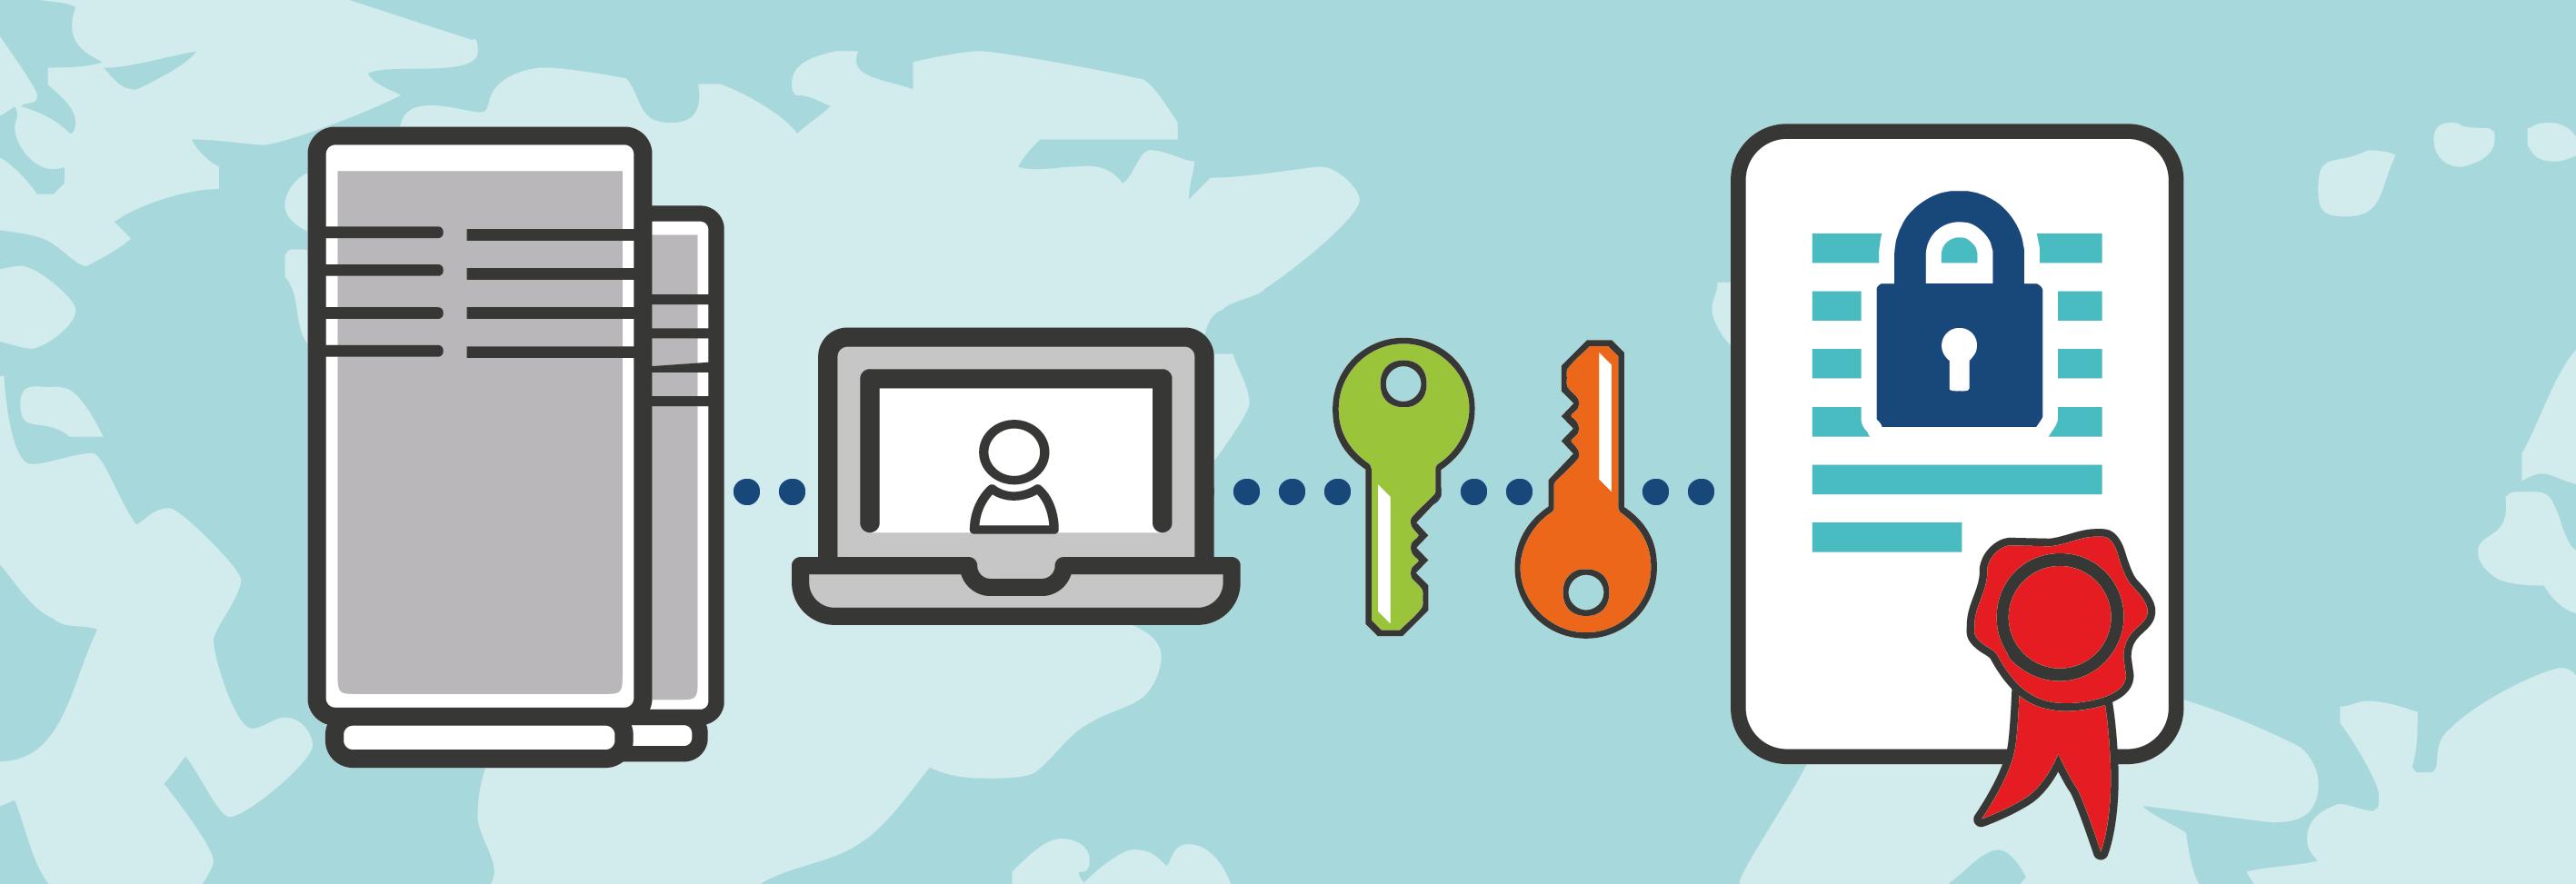 Le registry lock est essentiel pour protéger vos noms de domaine stratégiques